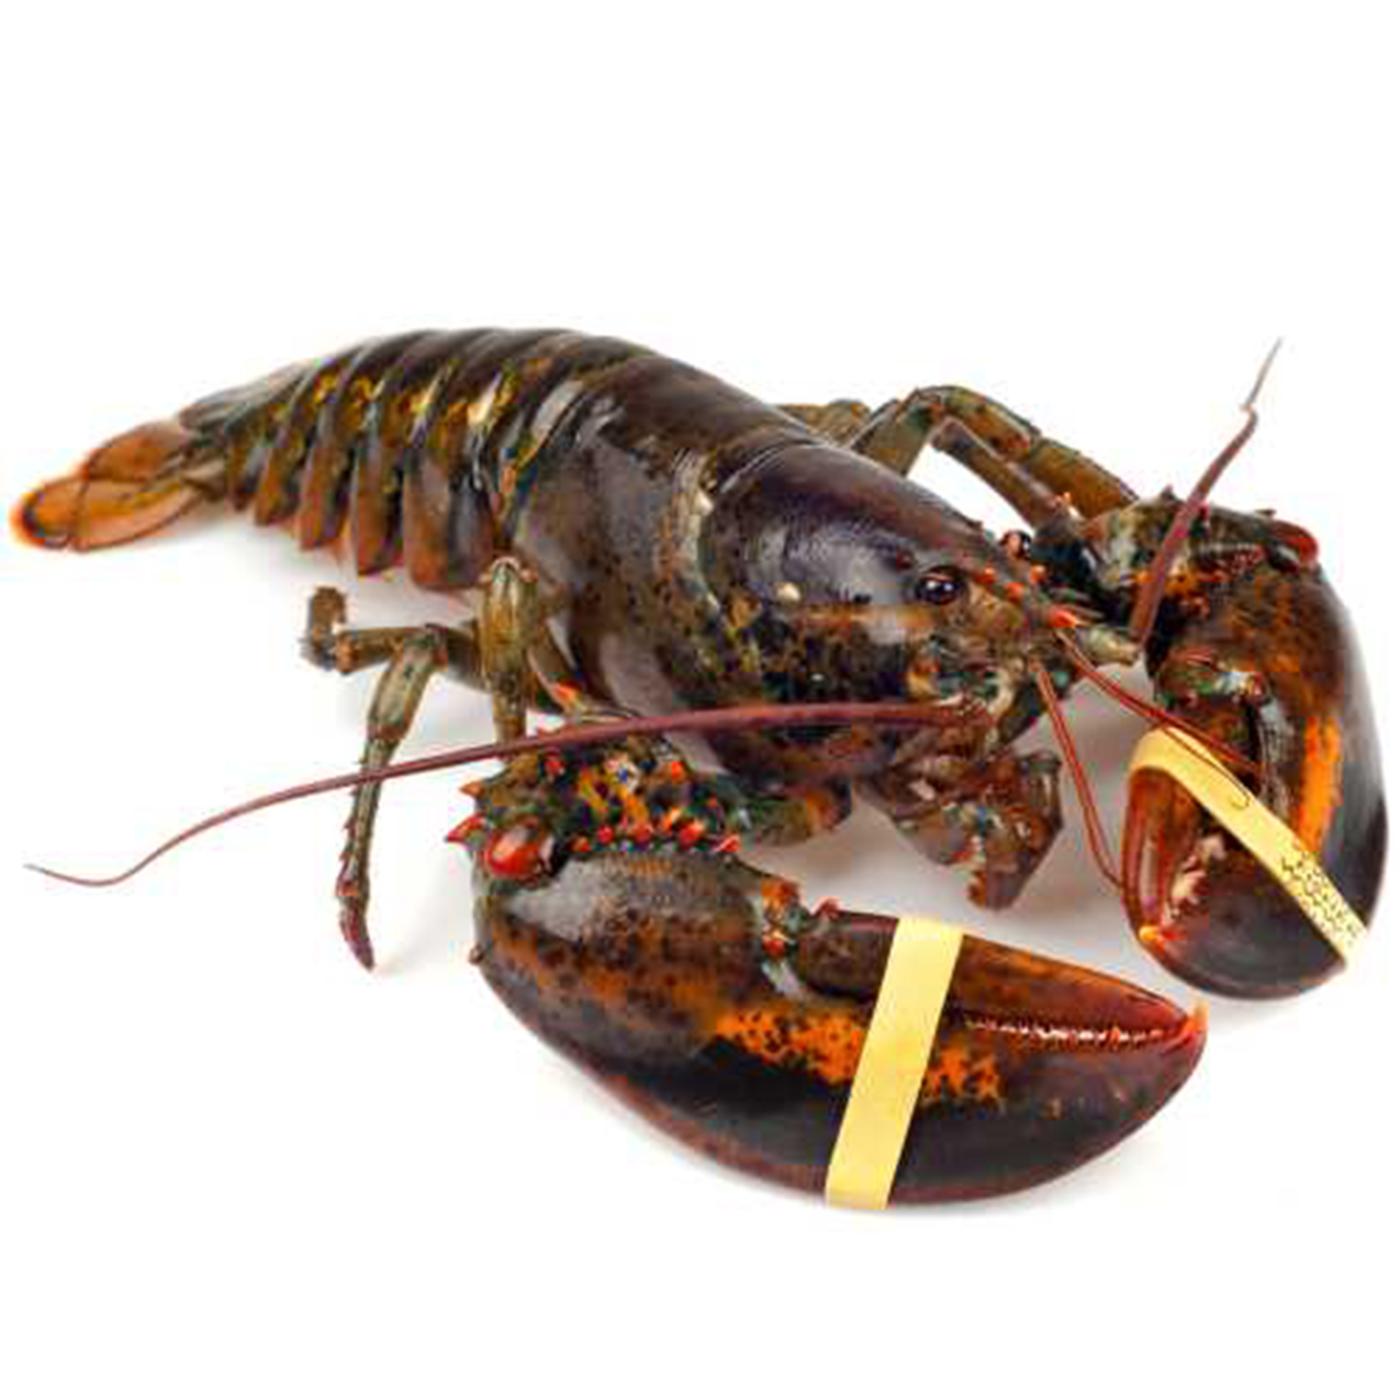 Maine Lobster Order Online - Best Lobster 2018